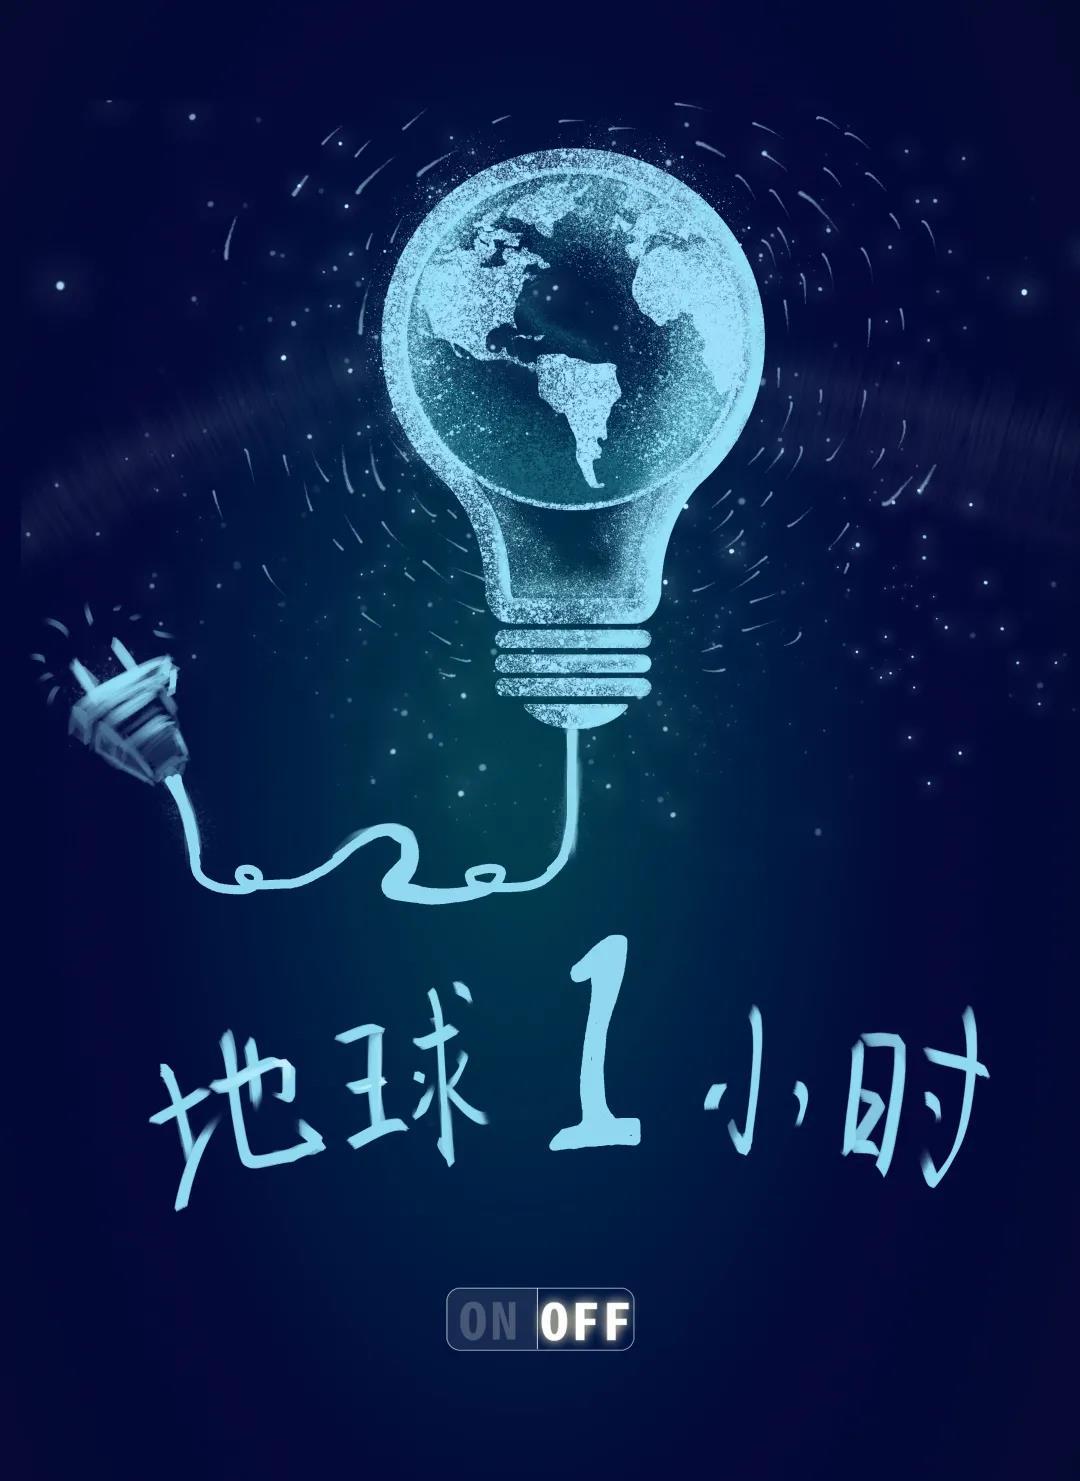 量圈儿NO.31|地球一小时,除了关灯我们还能做什么?